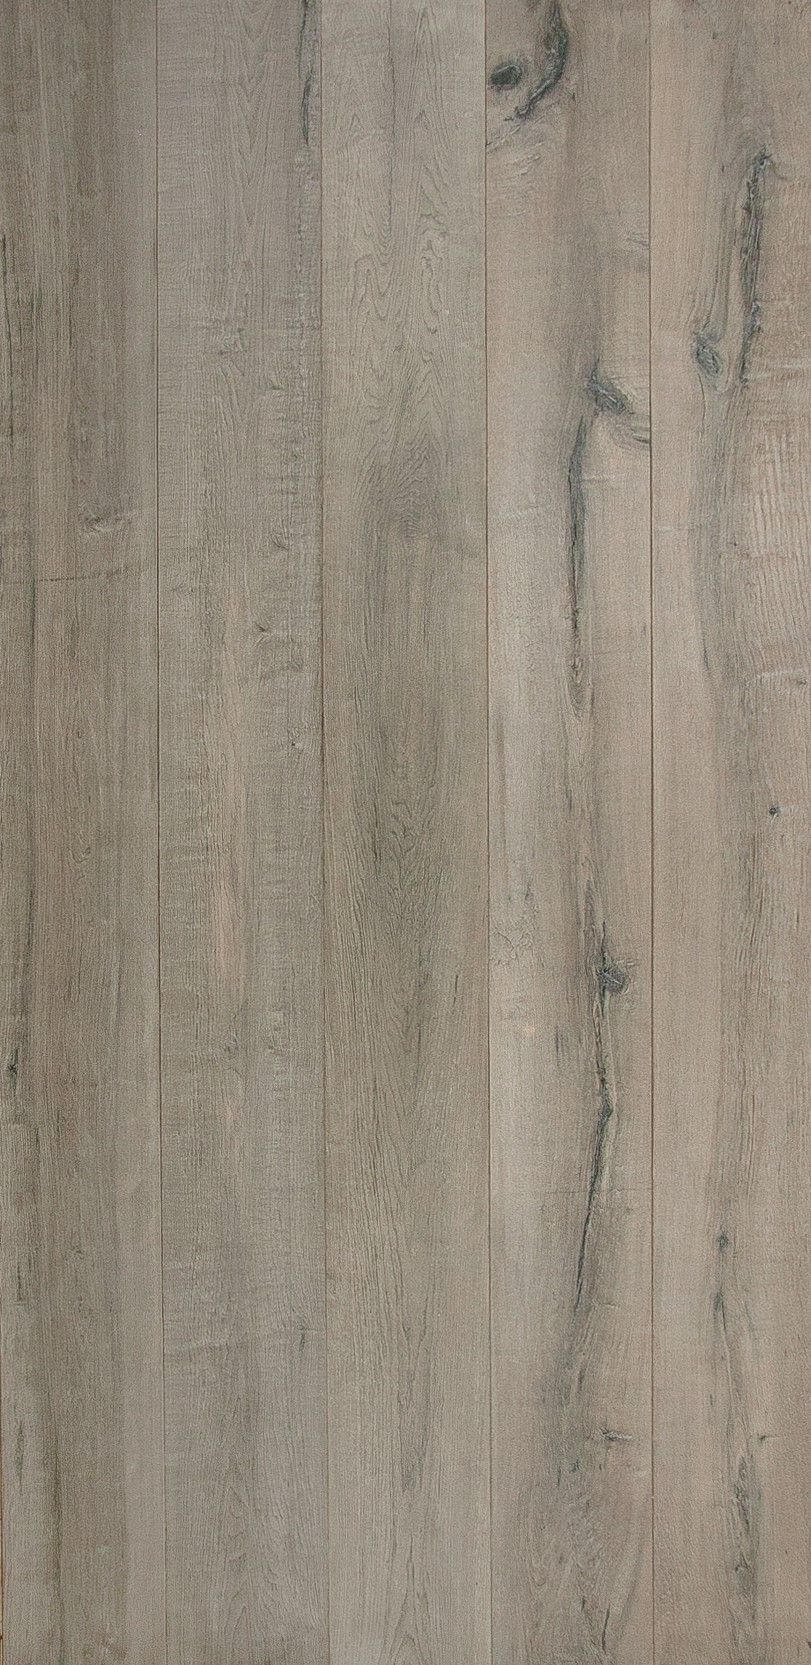 khrs wood flooring parquet interior design wwwkahrscom - Kahrs Flooring